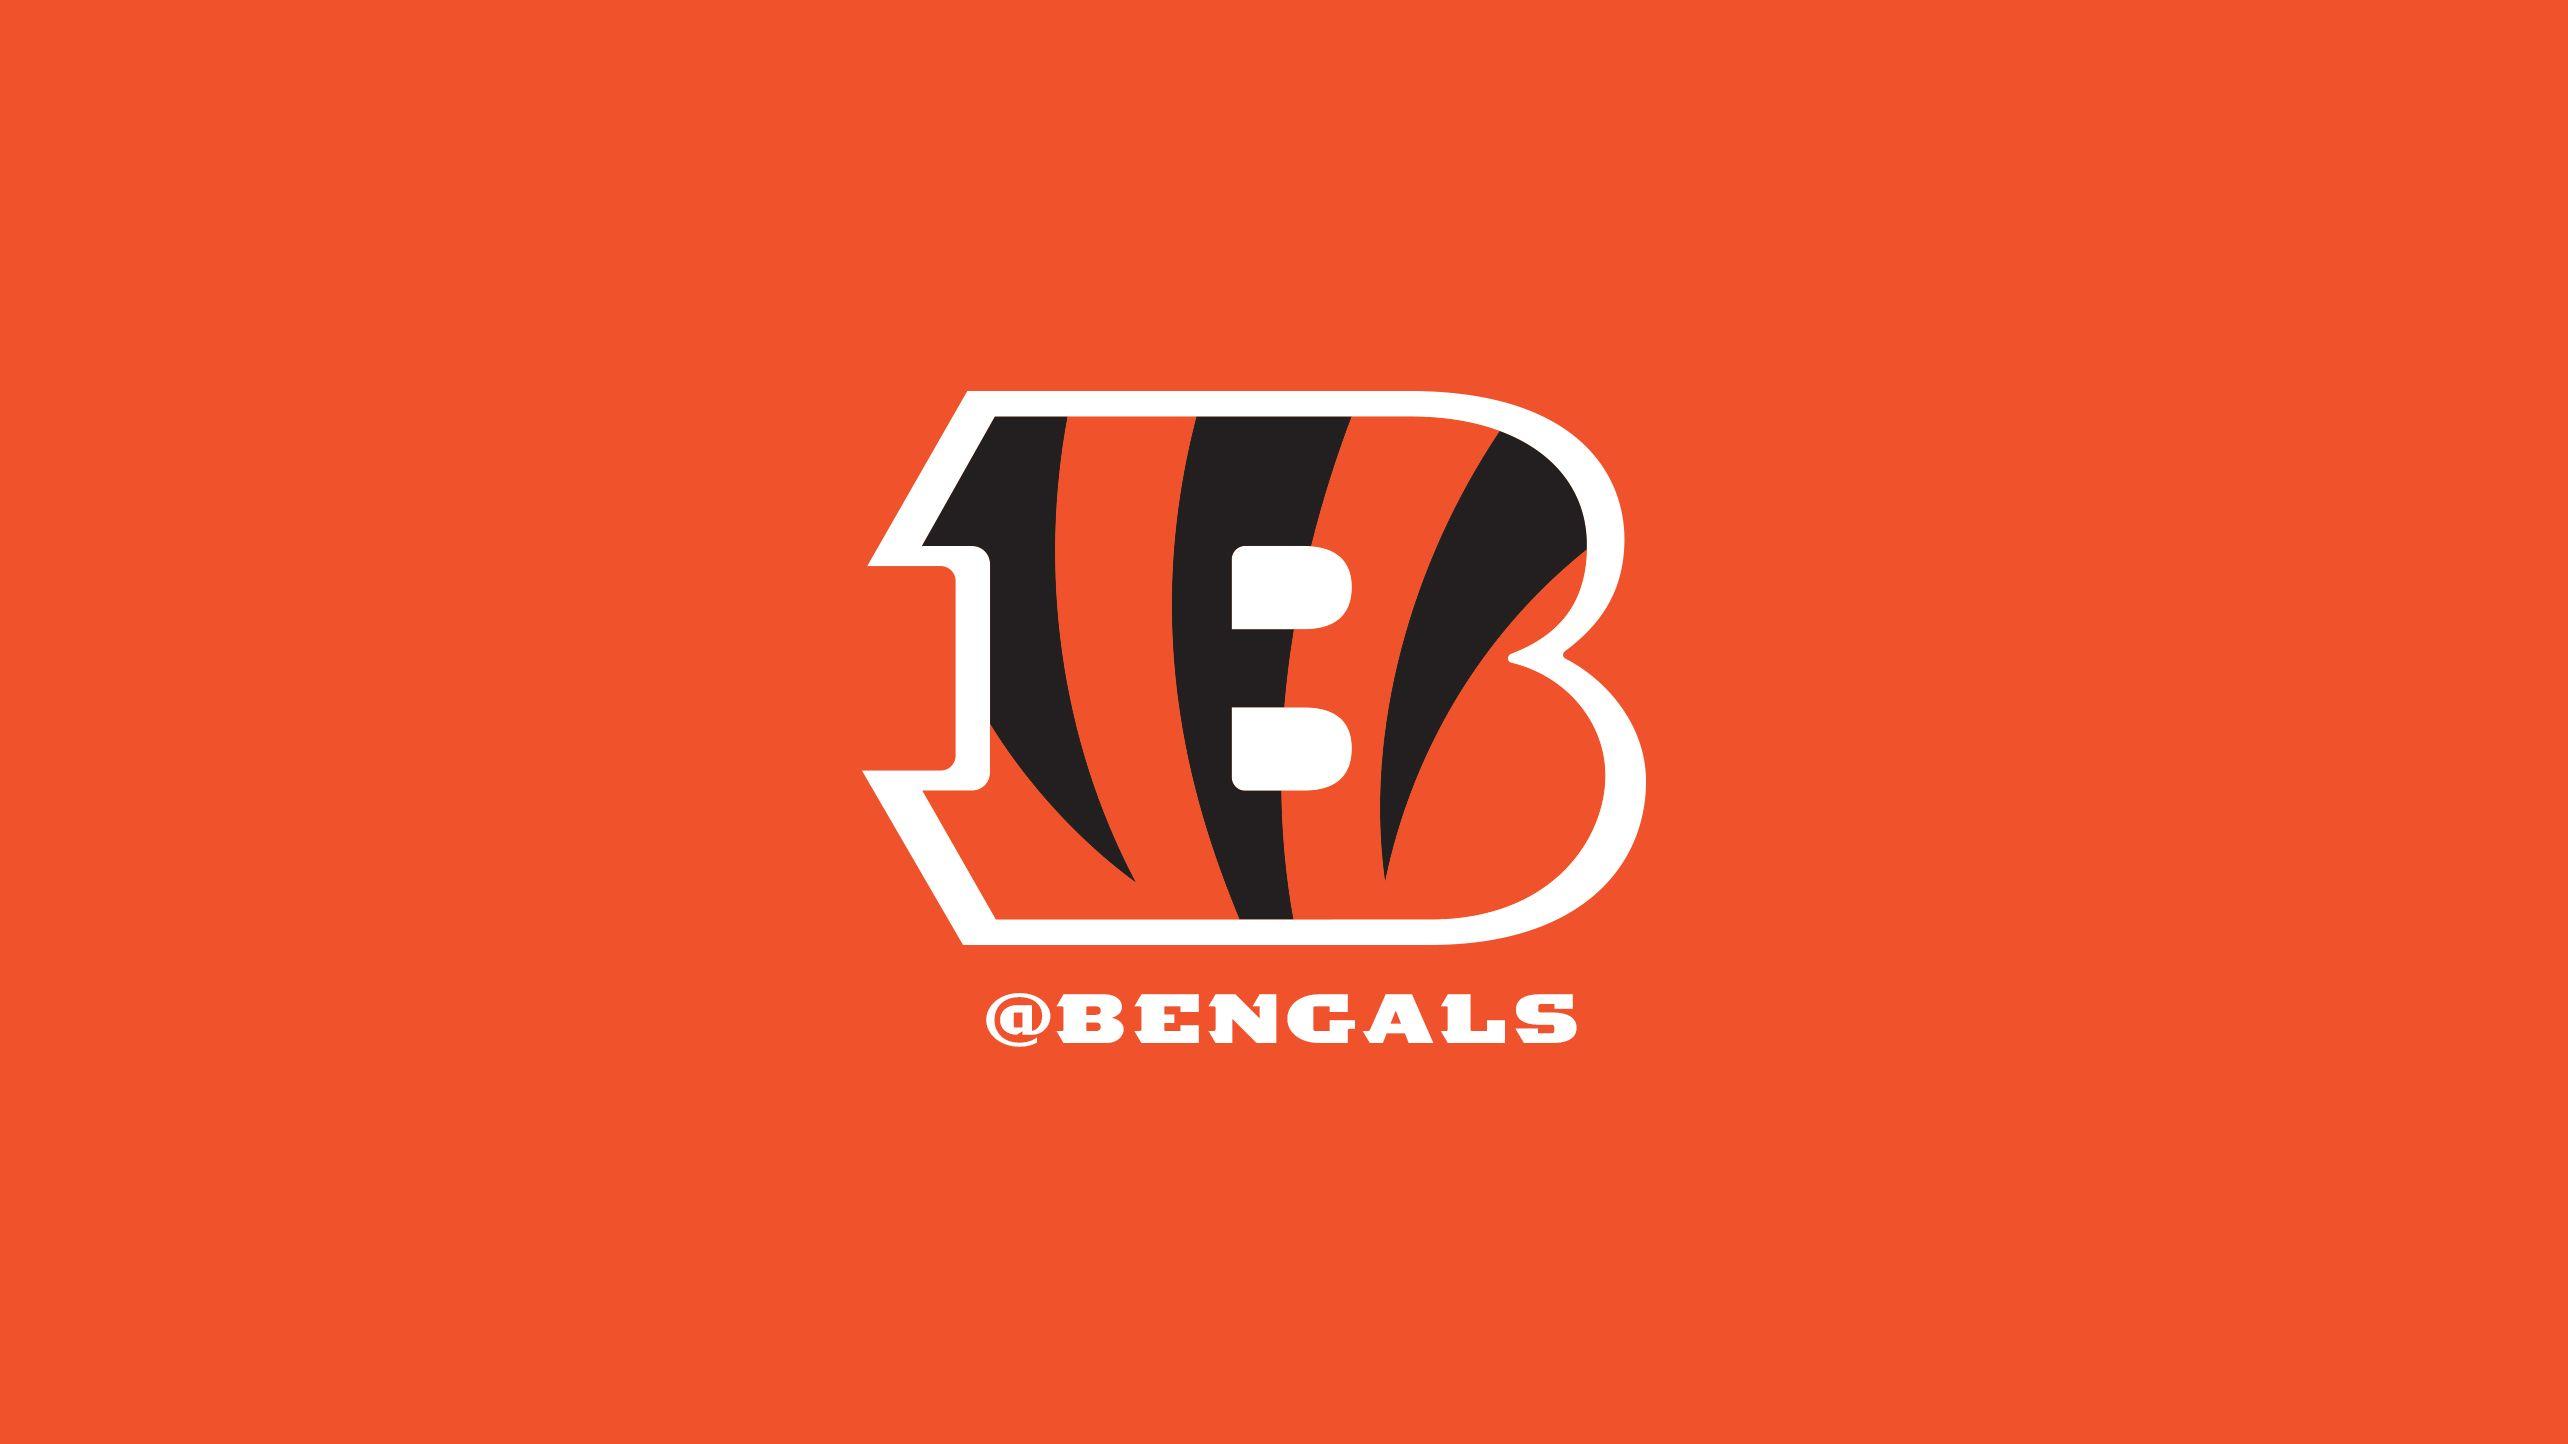 Bengals Logo - Orange